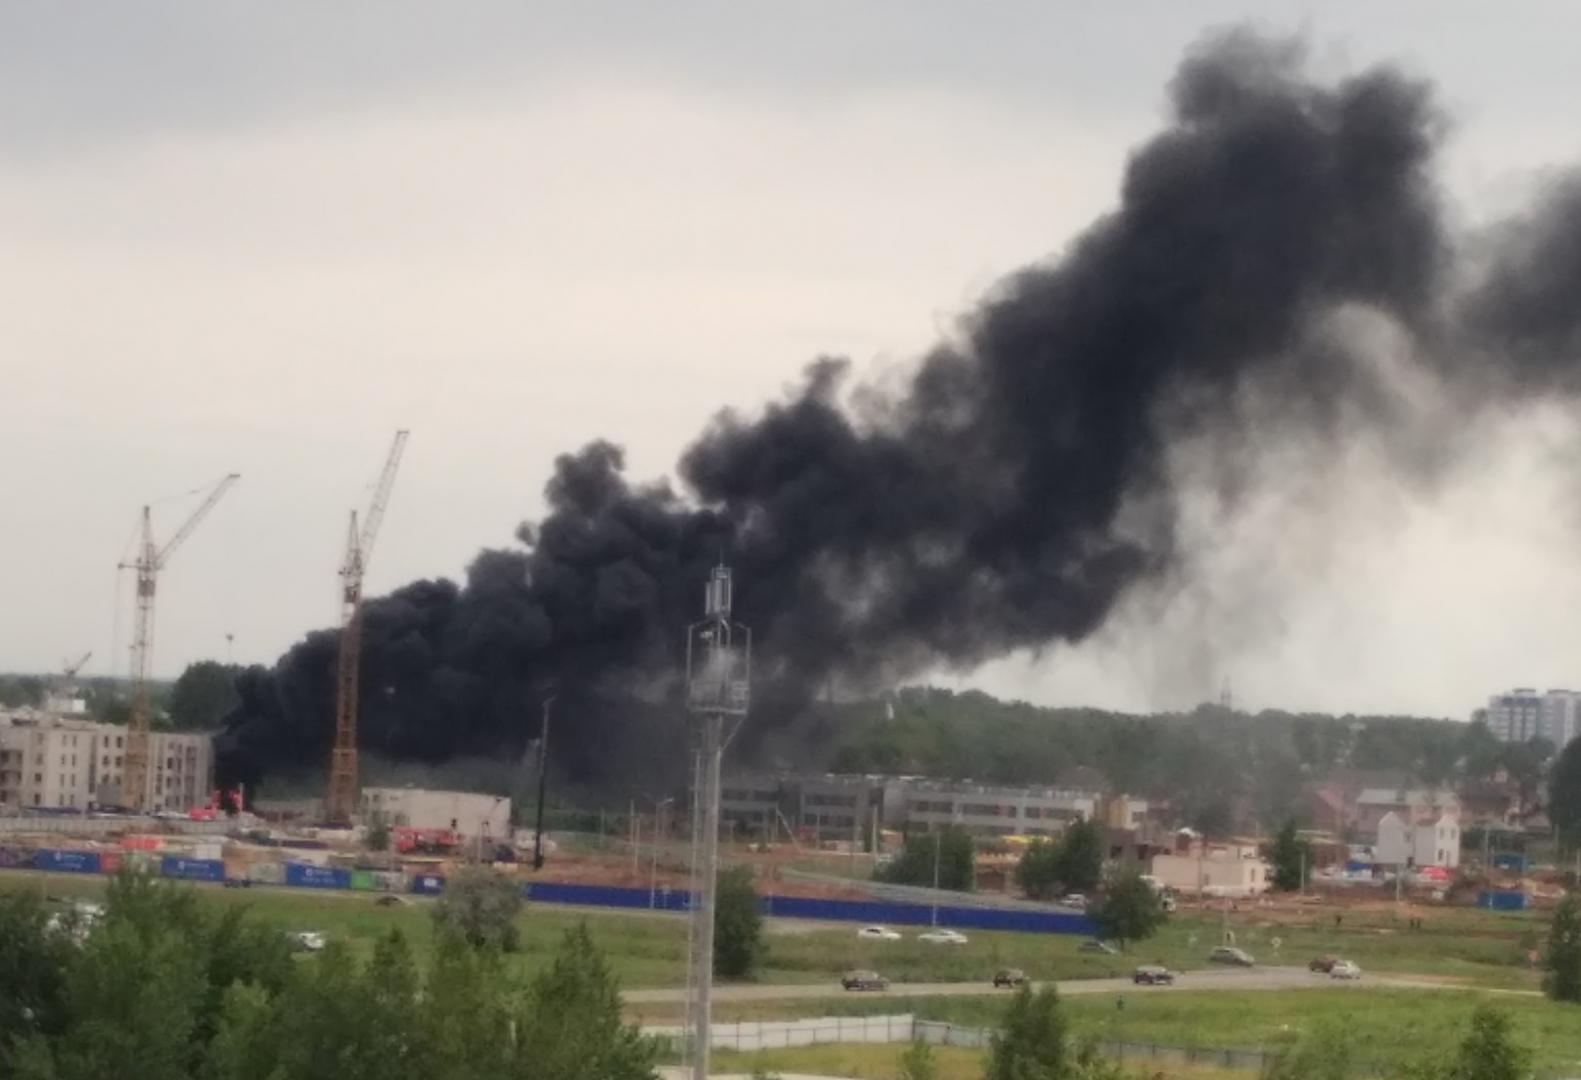 Прямо сейчас пожар в Заволжьеꓽ кругом клубы черного дыма